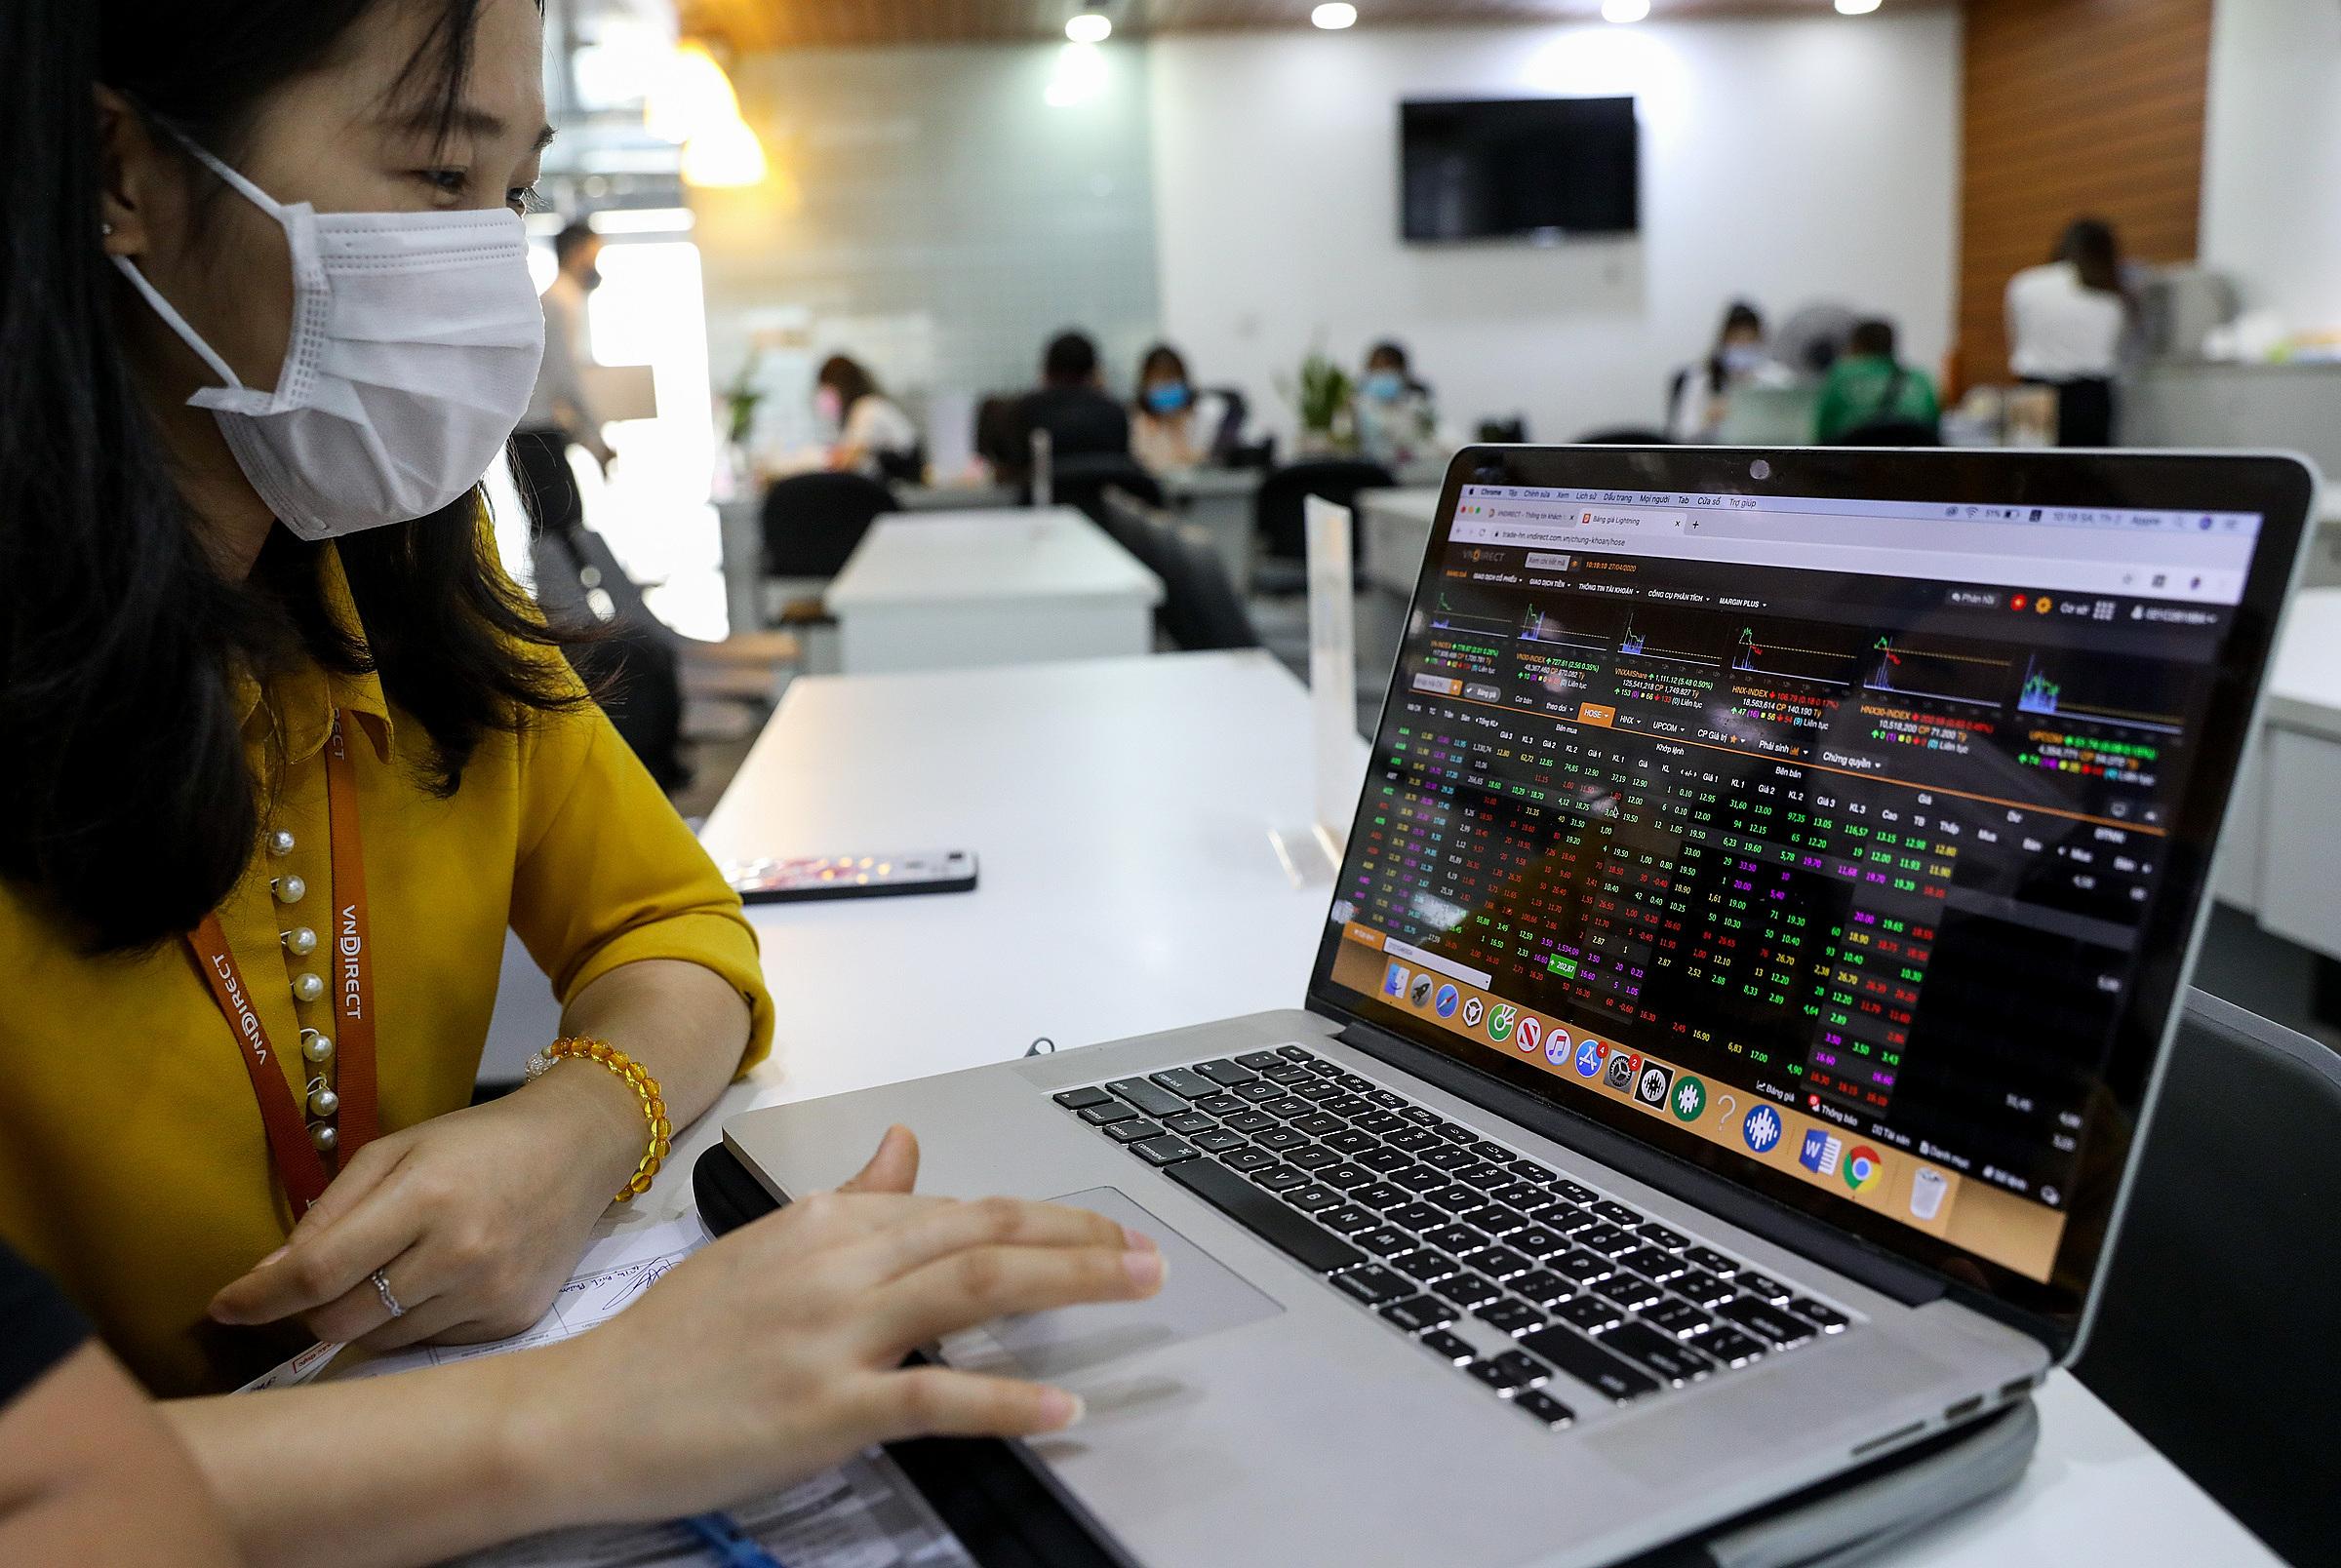 Phí giao dịch chiếm tỷ trọng đáng kể trong tổng phí mà nhà đầu tư phải chịu. Ảnh: Quỳnh Trần.